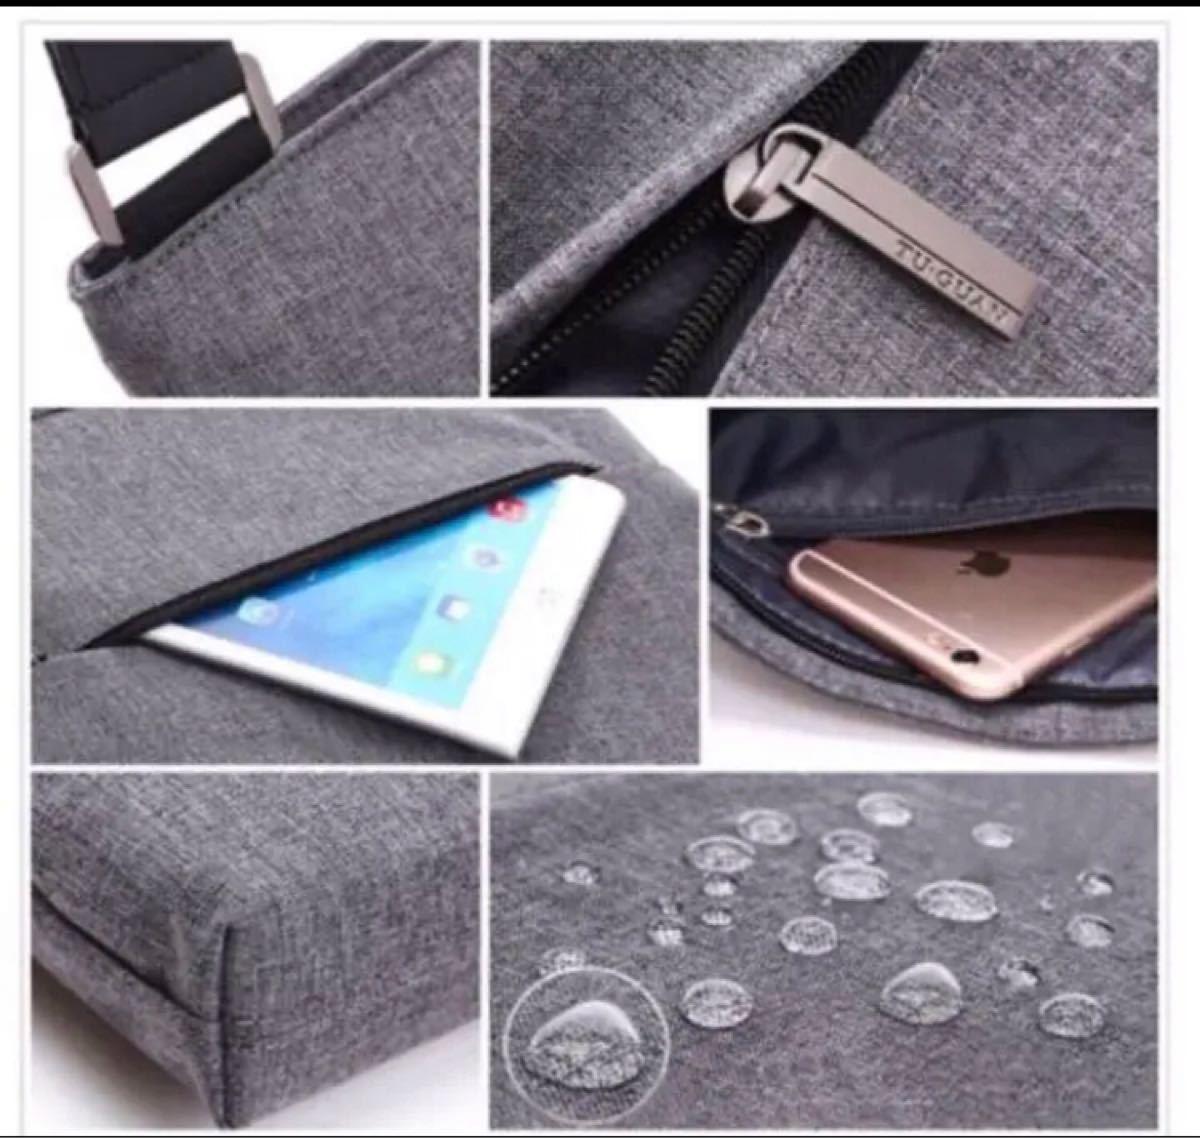 メンズ ショルダーバッグ ビジネスバッグ グレー スーツバッグ iPad収納 メンズバッグ  メッセンジャーバッグ iPad